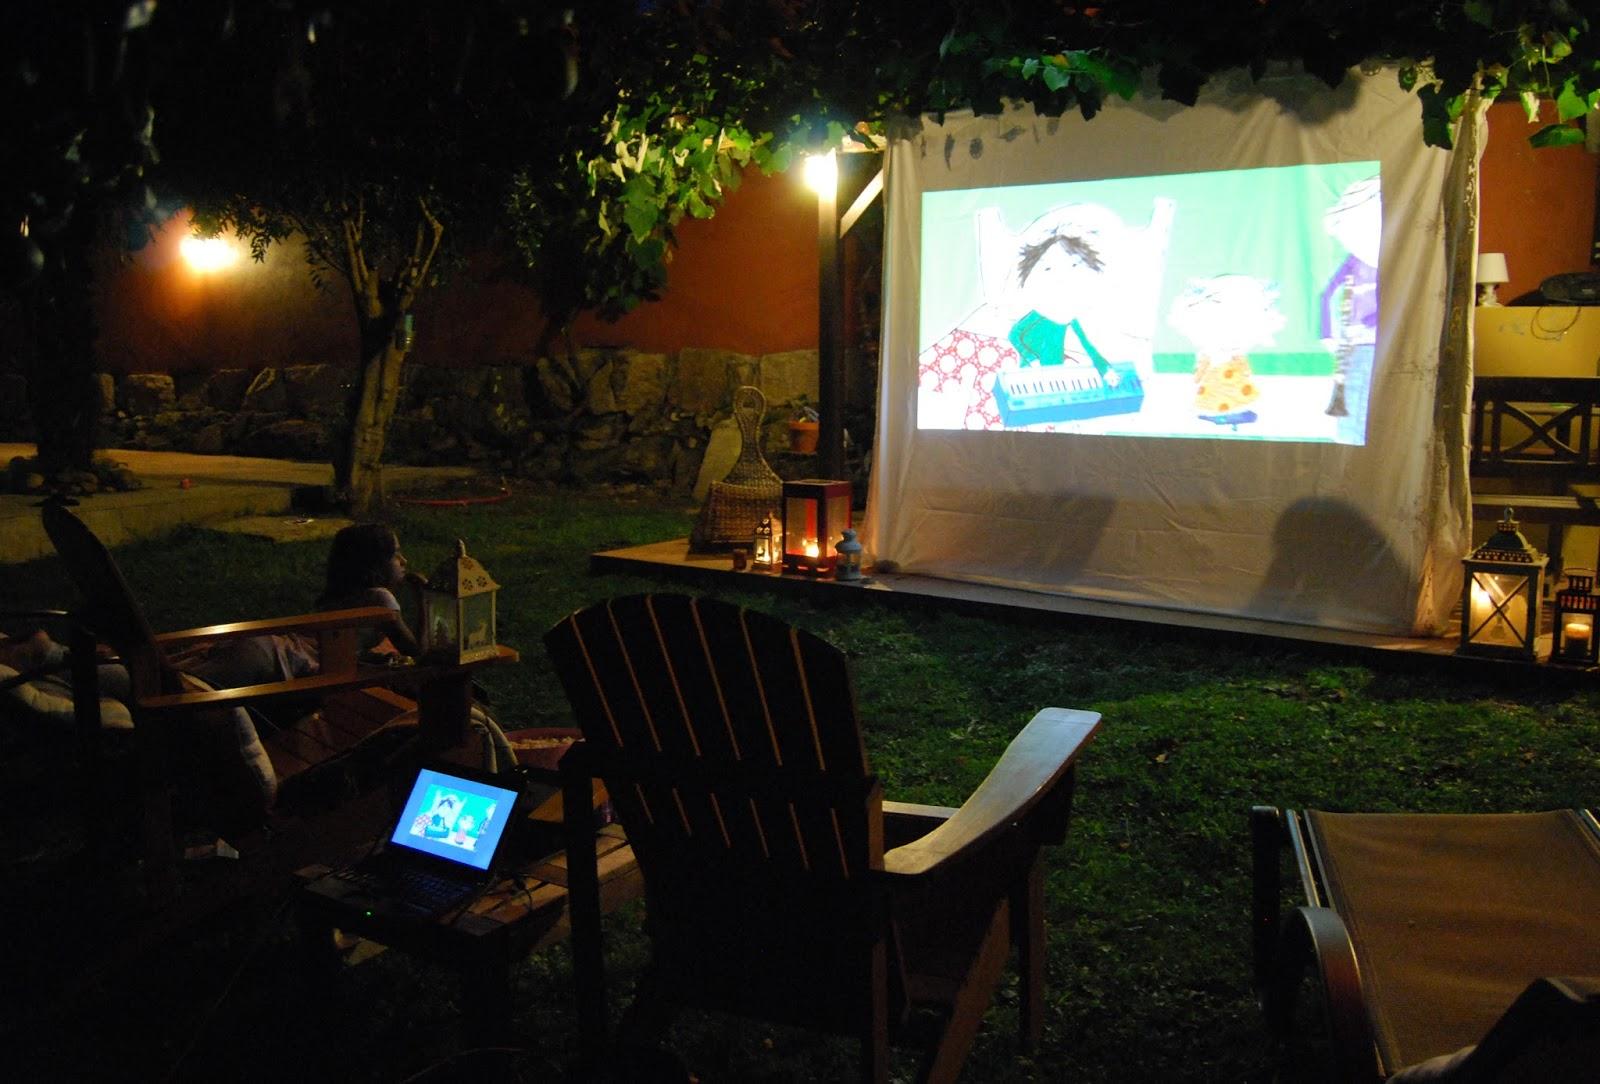 cine de verano en casa. Movie night outdoors